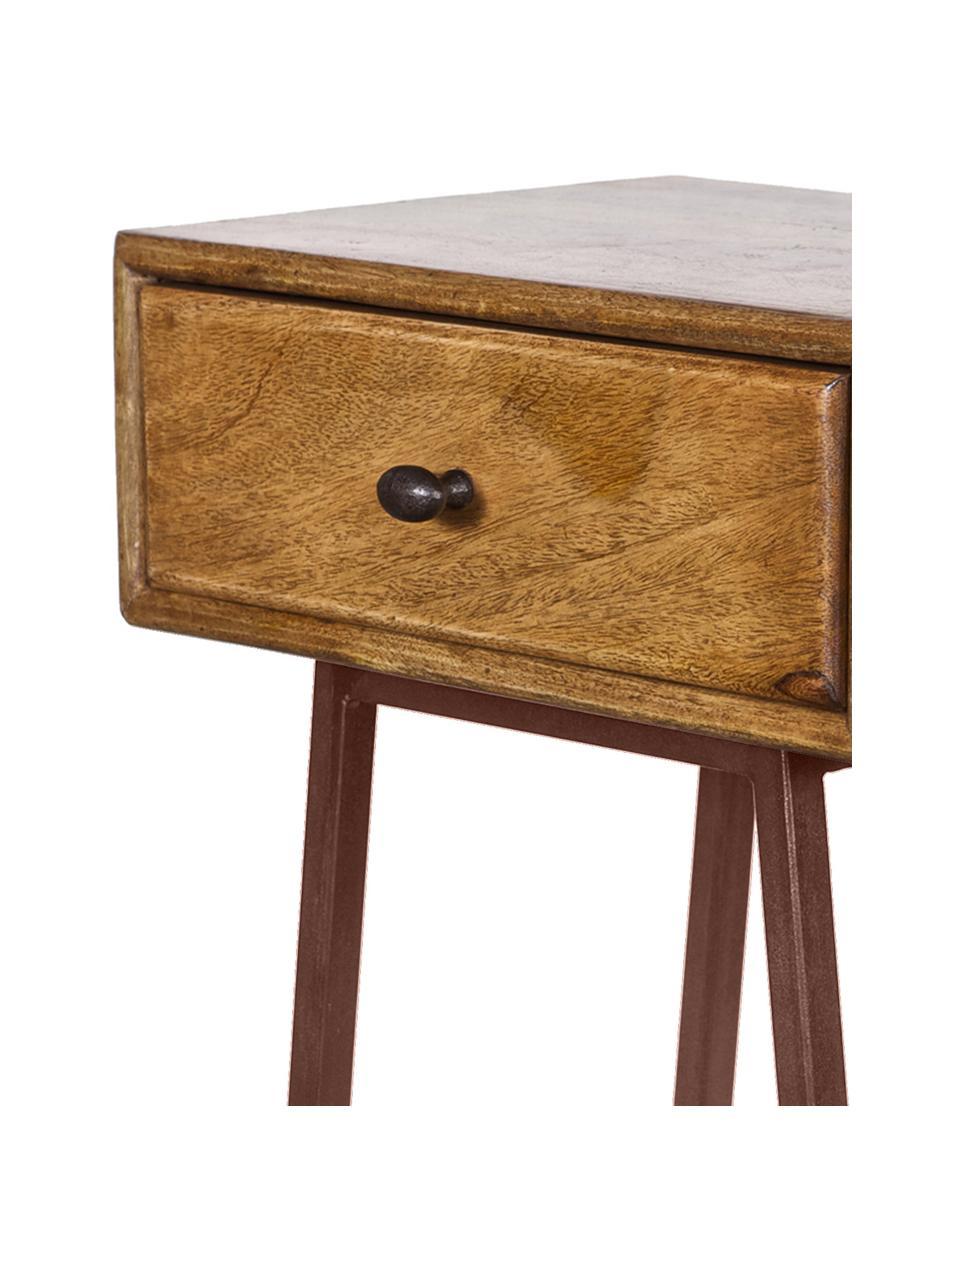 Stolik pomocniczy Skybox, Drewno sosnowe, rdzawobrązowy, S 40 x W 70 cm